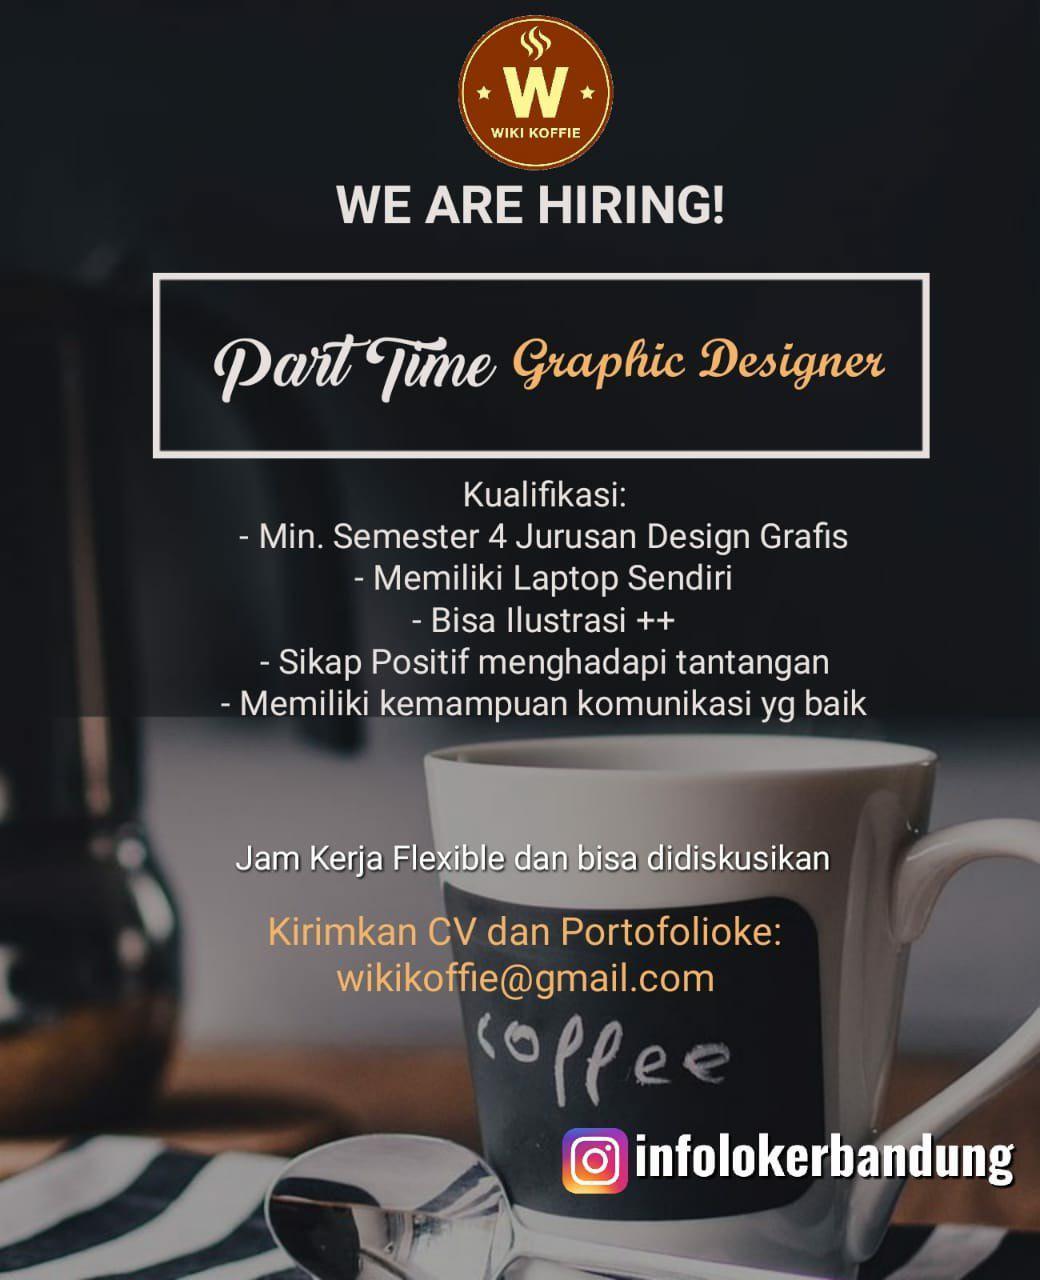 Lowongan kerja Part Time Graphic Designer Wiki Koffie Bandung April 2019